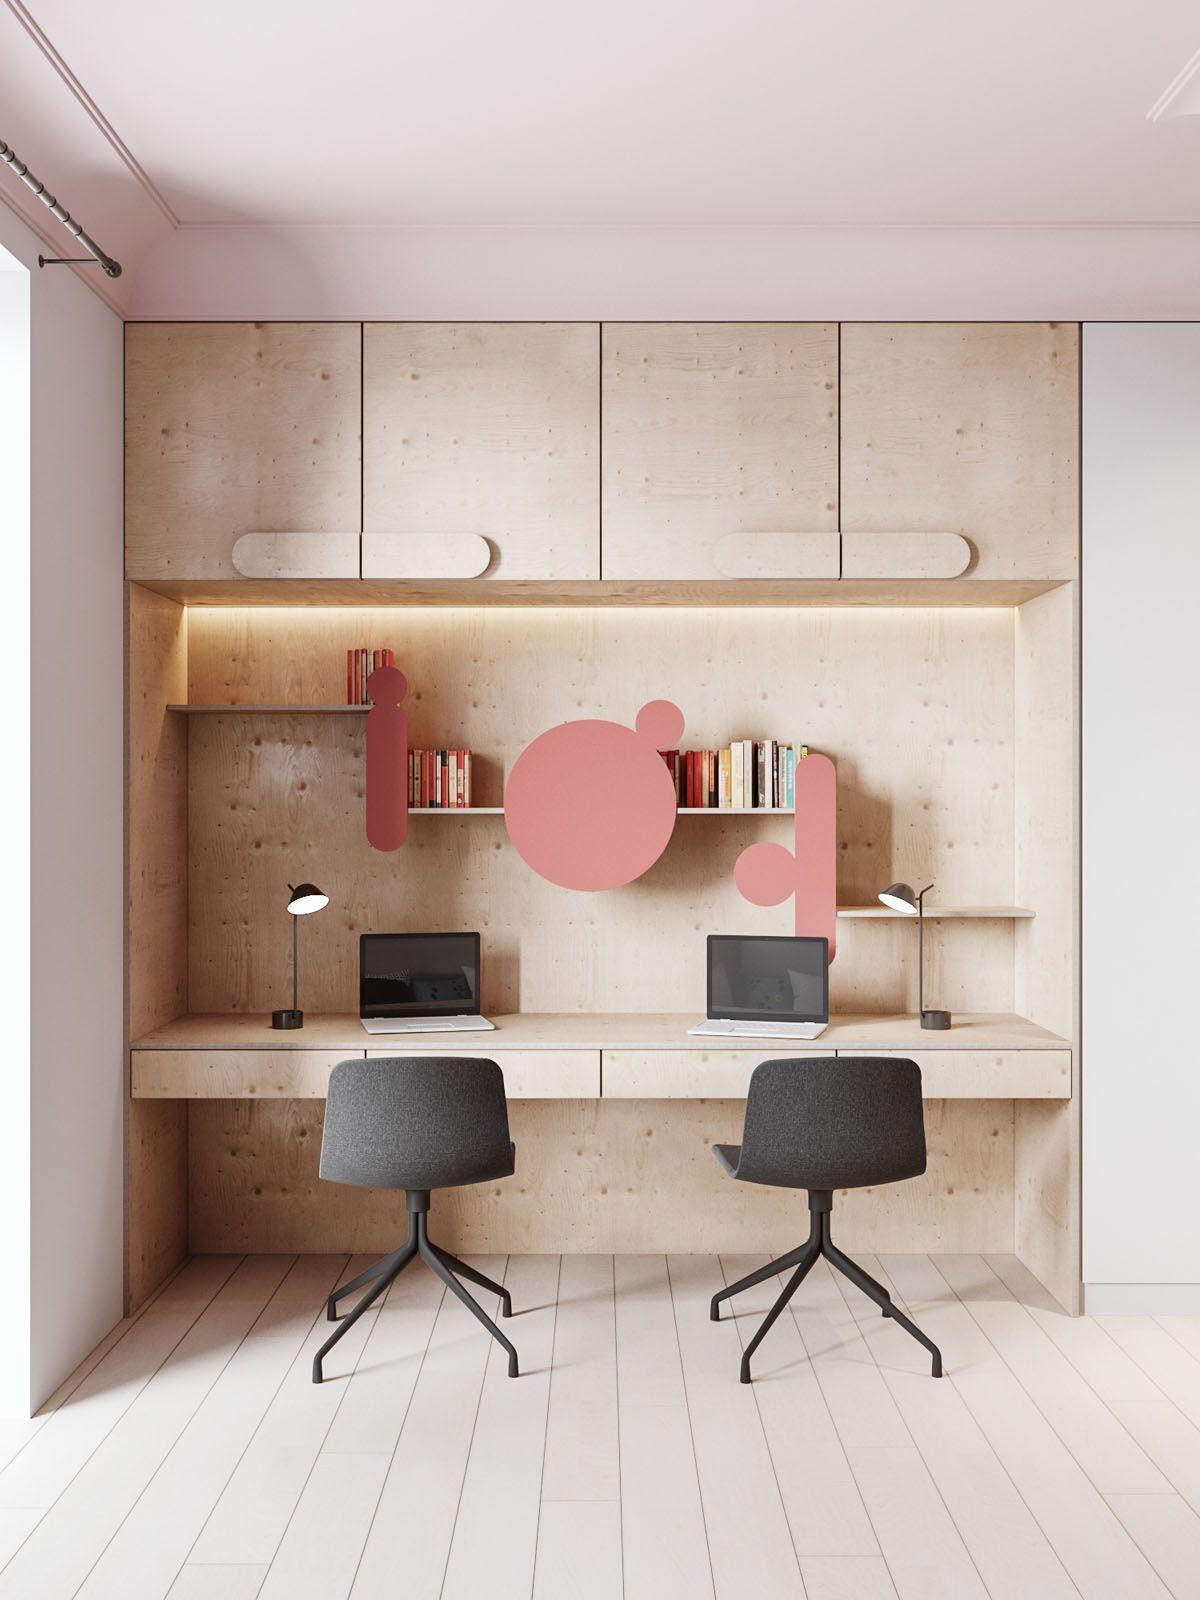 𝕴𝖓𝖙𝖊𝖗𝖎𝖔𝖗 𝖙𝖎𝖕𝖘 𝖎𝖓𝖘𝖕𝖎𝖗𝖆𝖙𝖎𝖔𝖓 Interior4you1 Instagram Posts Videos Stories On Houzgram Com Amenagement De Piece Decor De Bureau A Domicile Design Interieur Scandinave